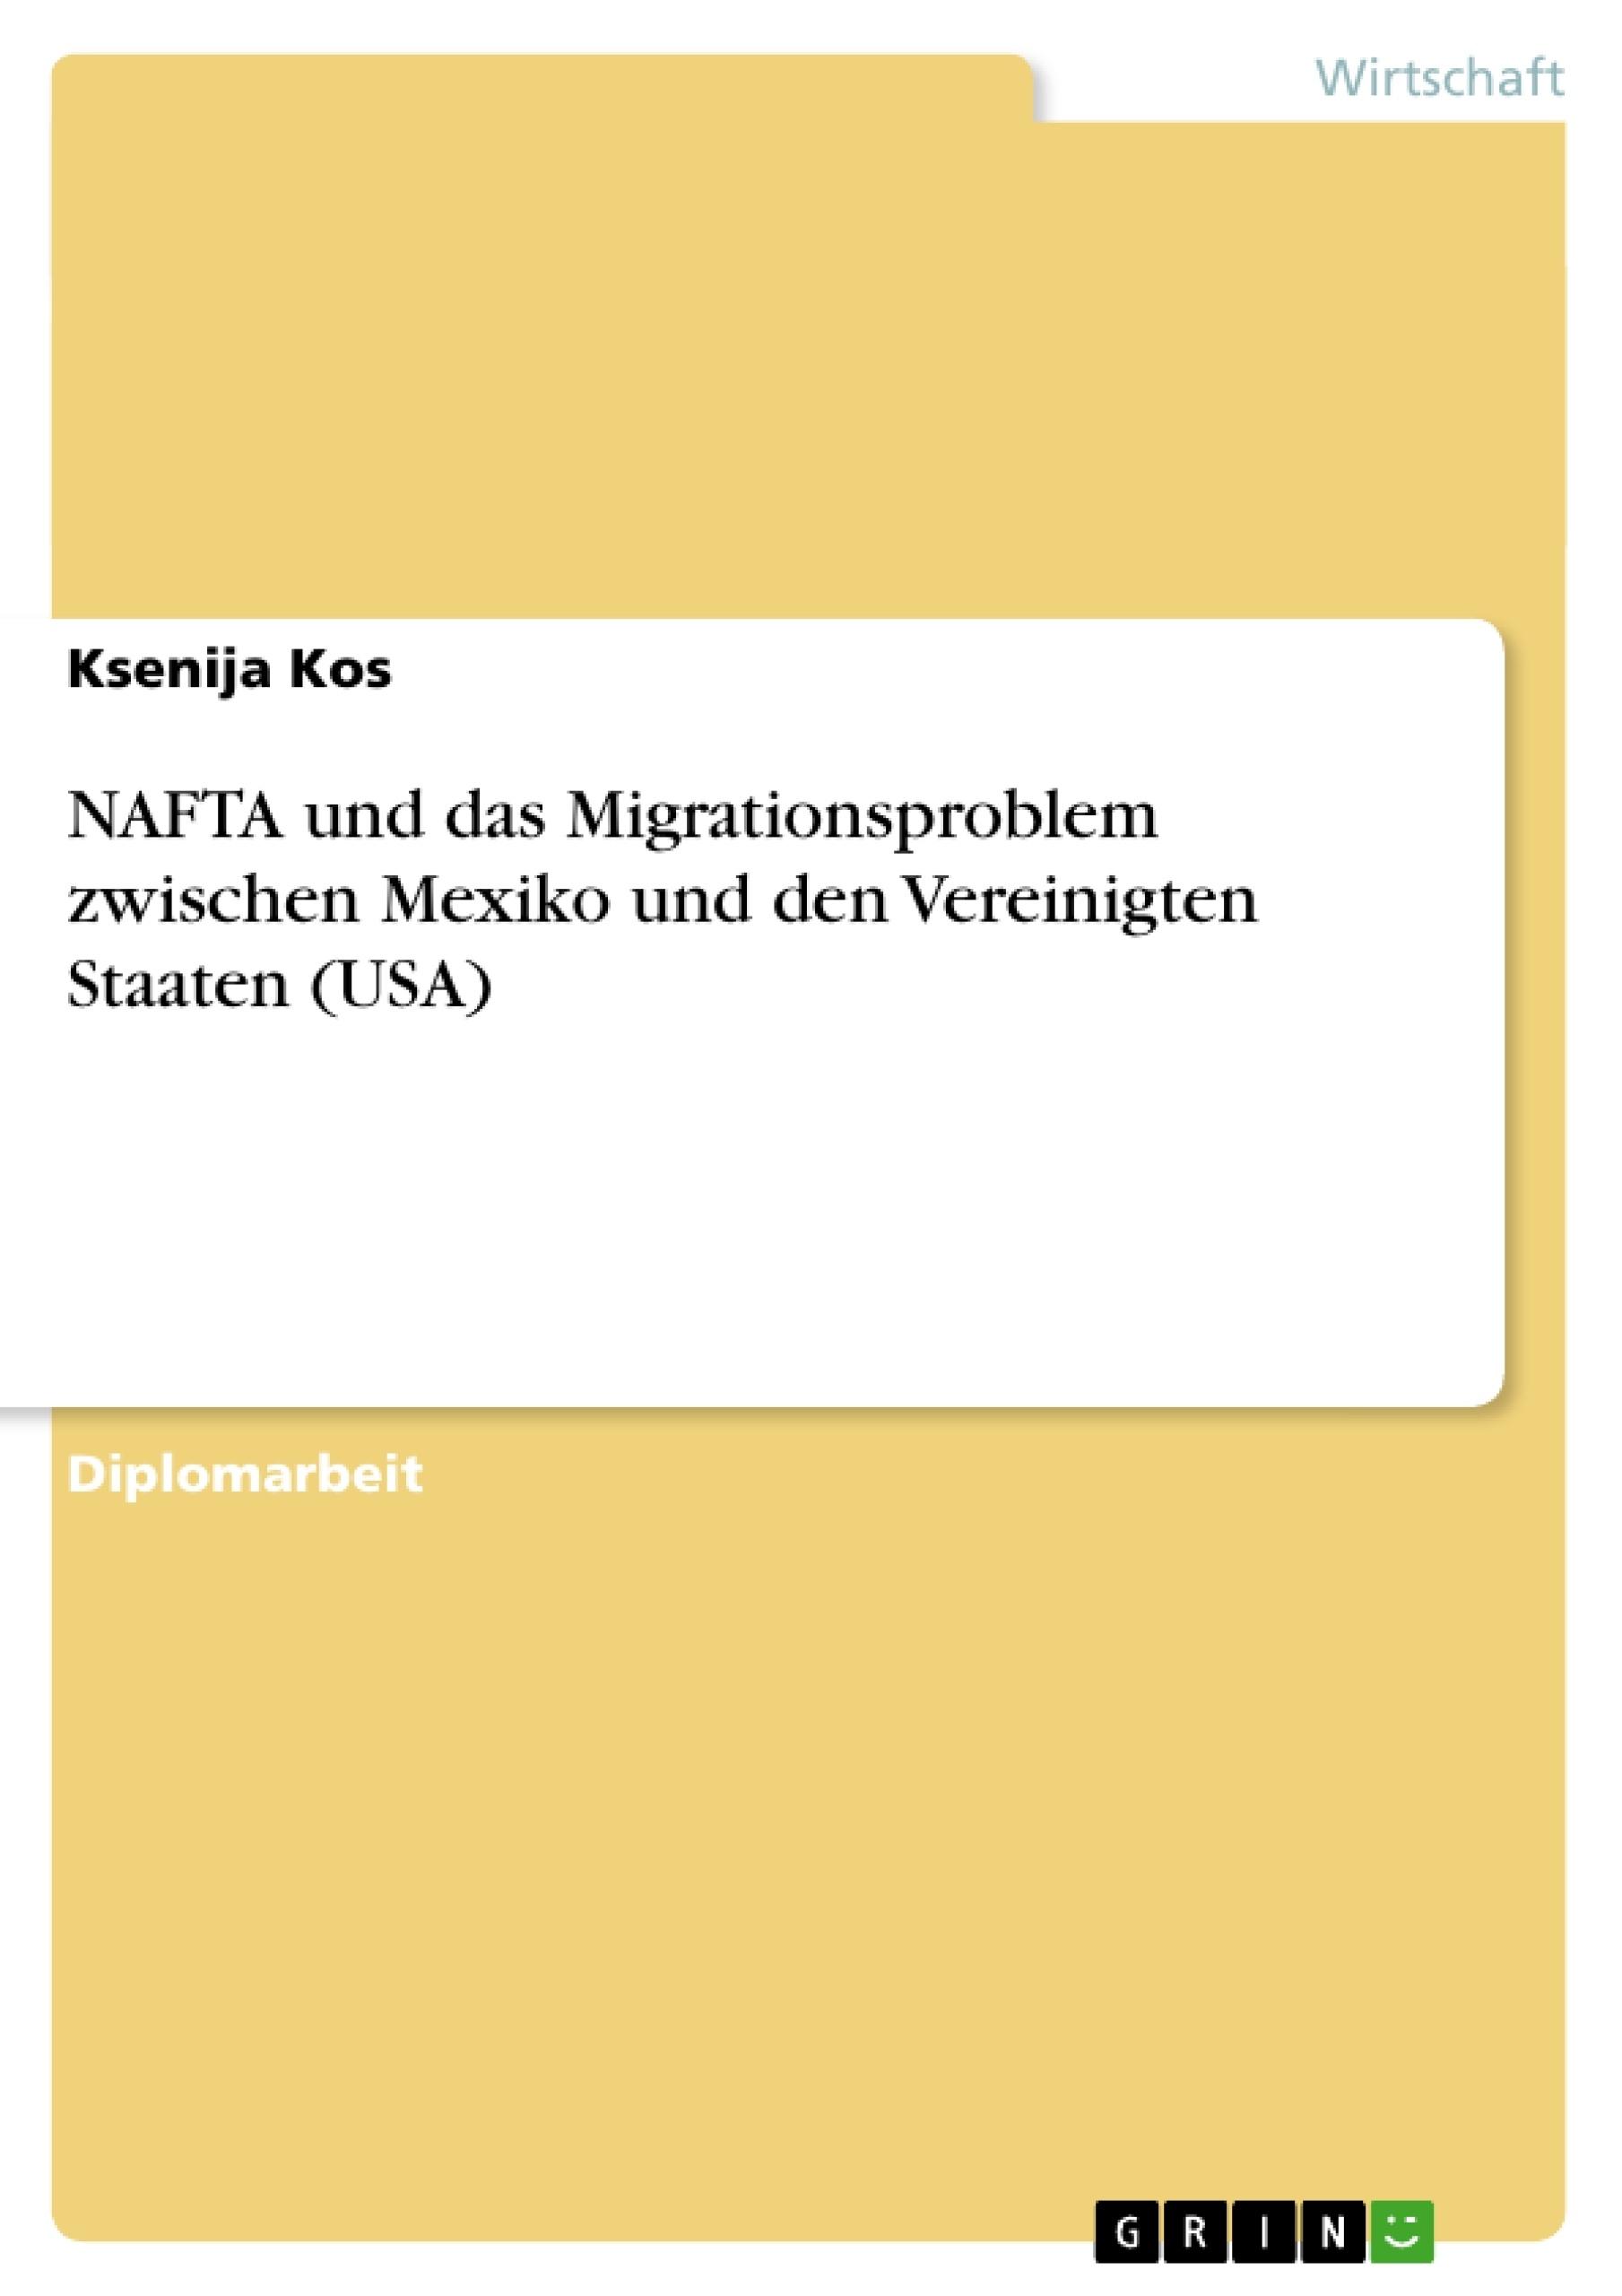 Titel: NAFTA und das Migrationsproblem zwischen Mexiko und den Vereinigten Staaten (USA)